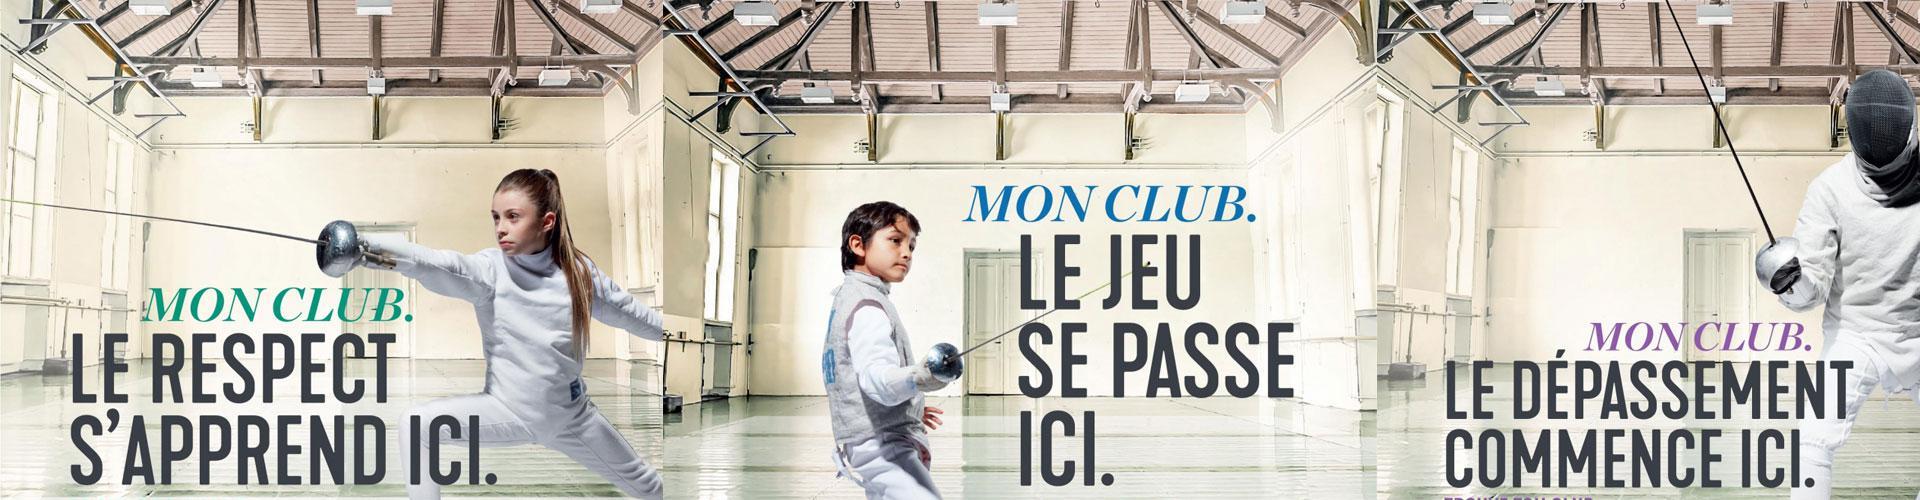 Cercle d'Escrime du Pays de Fougères - CEPF - Rejoindre le club !